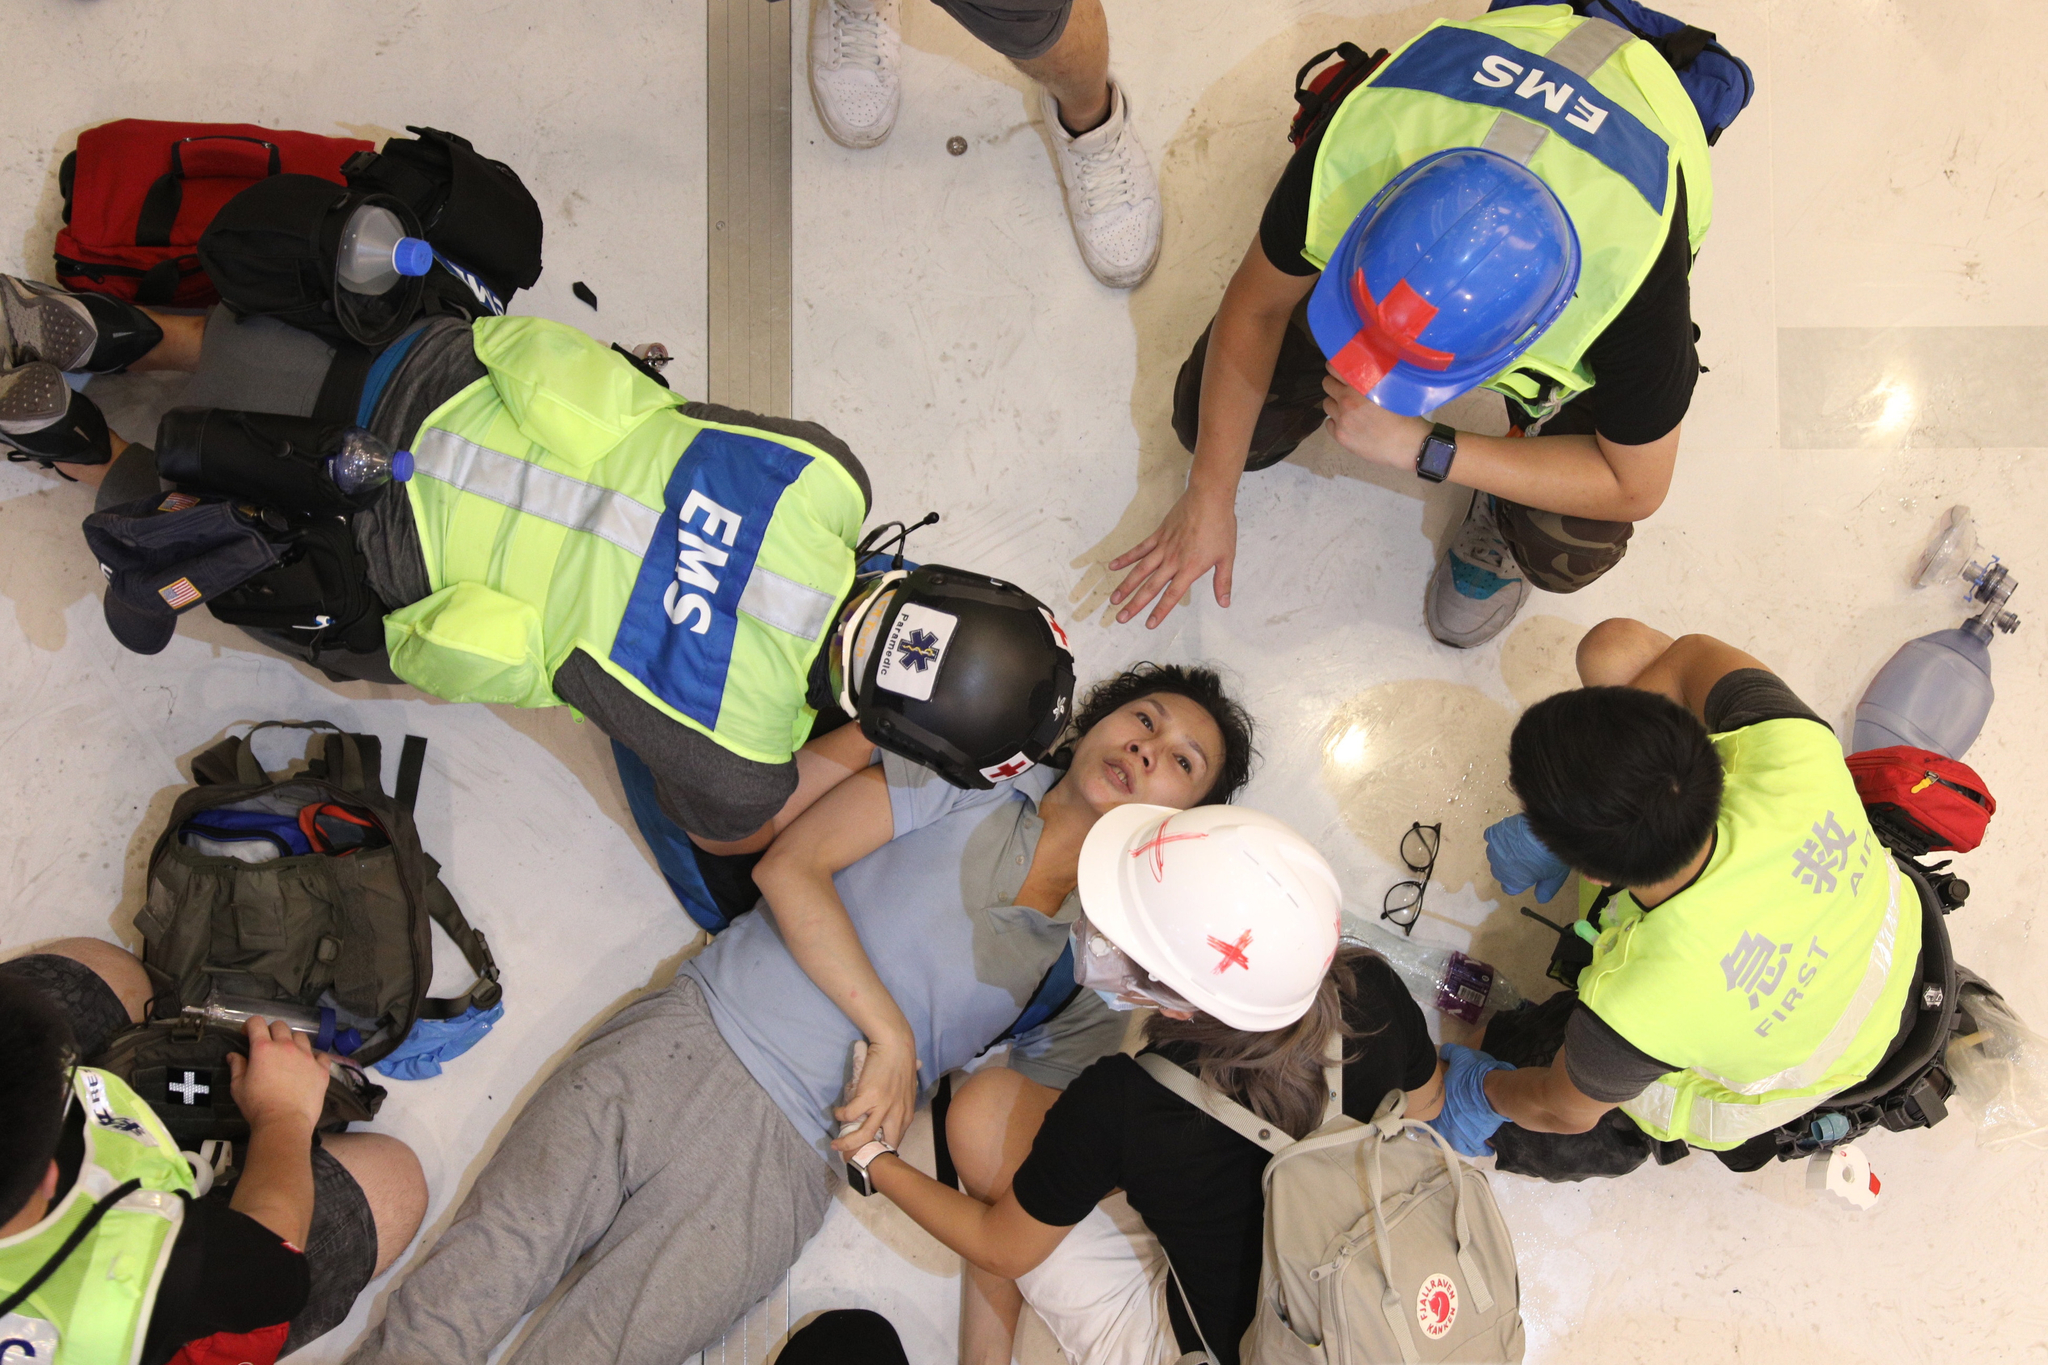 이날 부상을 당한 여성 시위자가 쇼핑몰 바닥에 들어누워 응급요원들에게 치료를 받고 있다. [EPA=연합뉴스]